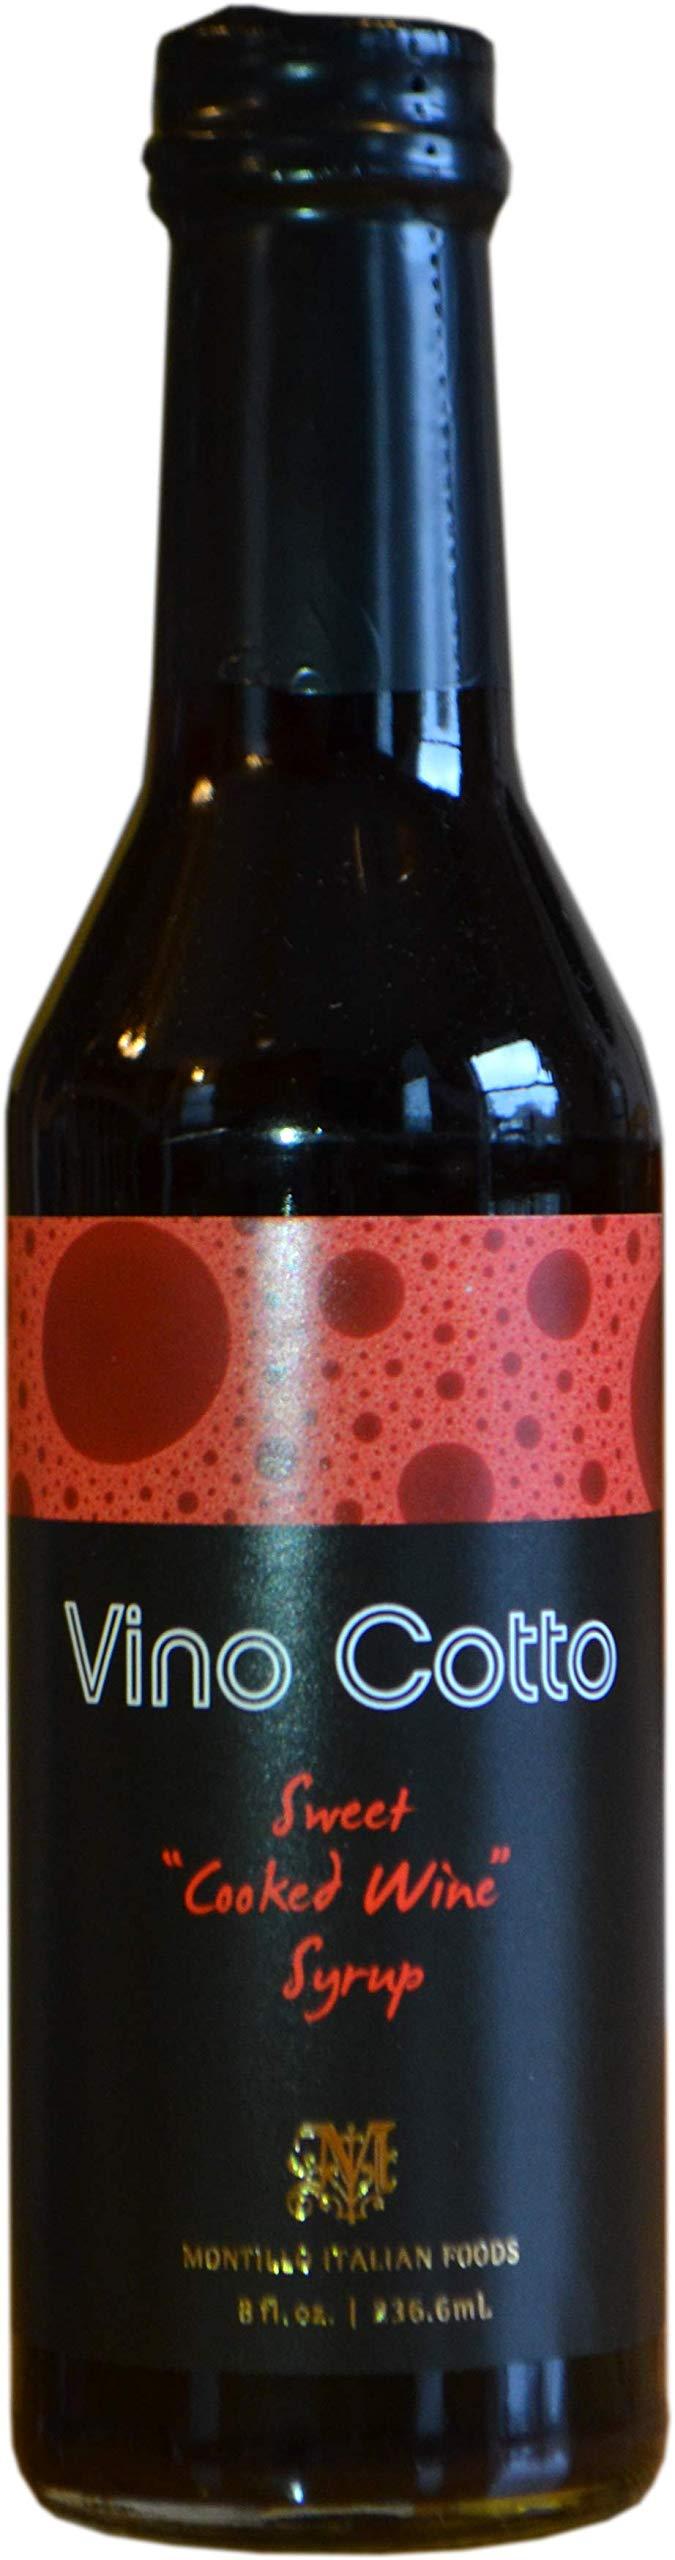 Vino Cotto, Originale 8 fl. oz. | 236.6mL (3 Pack) Saba | Vincotto | Mosto Cotto